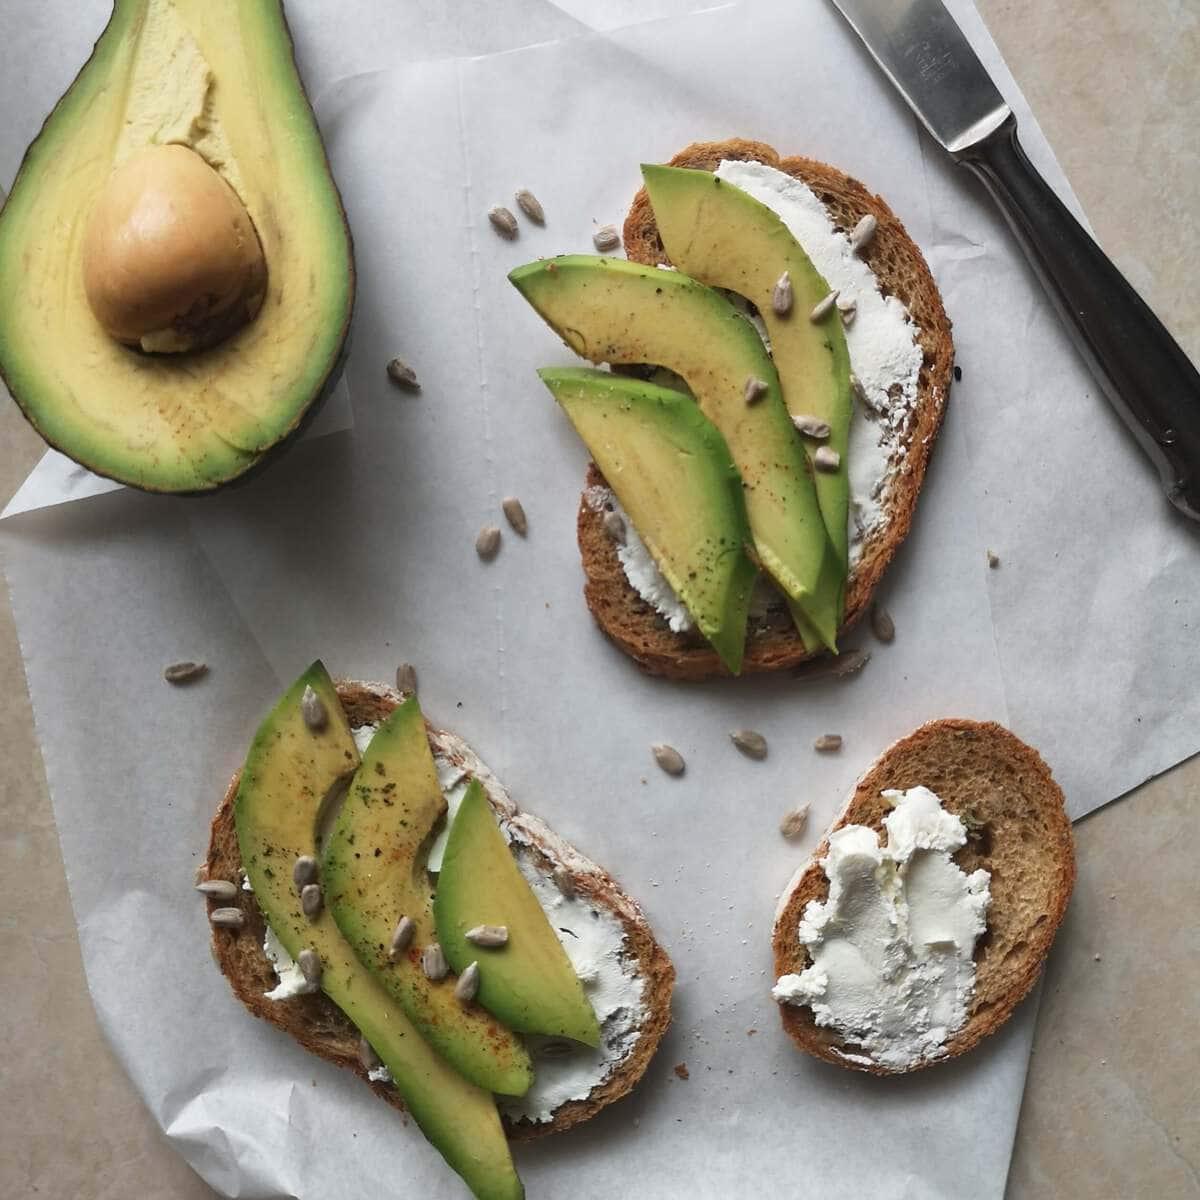 how to store avocados - freezer